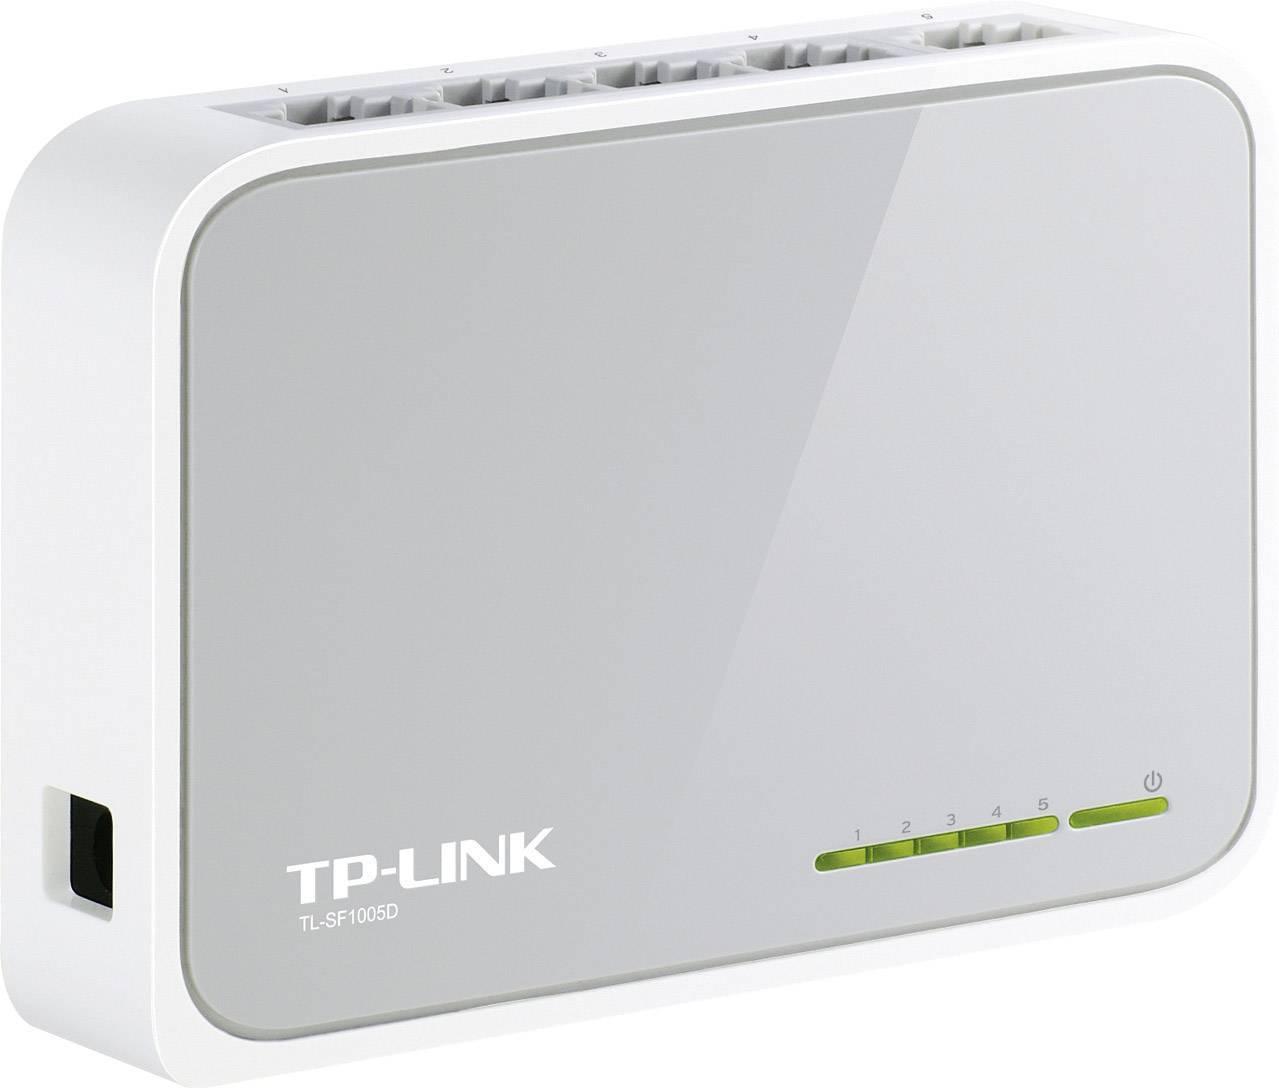 Sieťový switch RJ45 TP-LINK TL-SF1005D, s 5 portmi, 100 Mbit/s